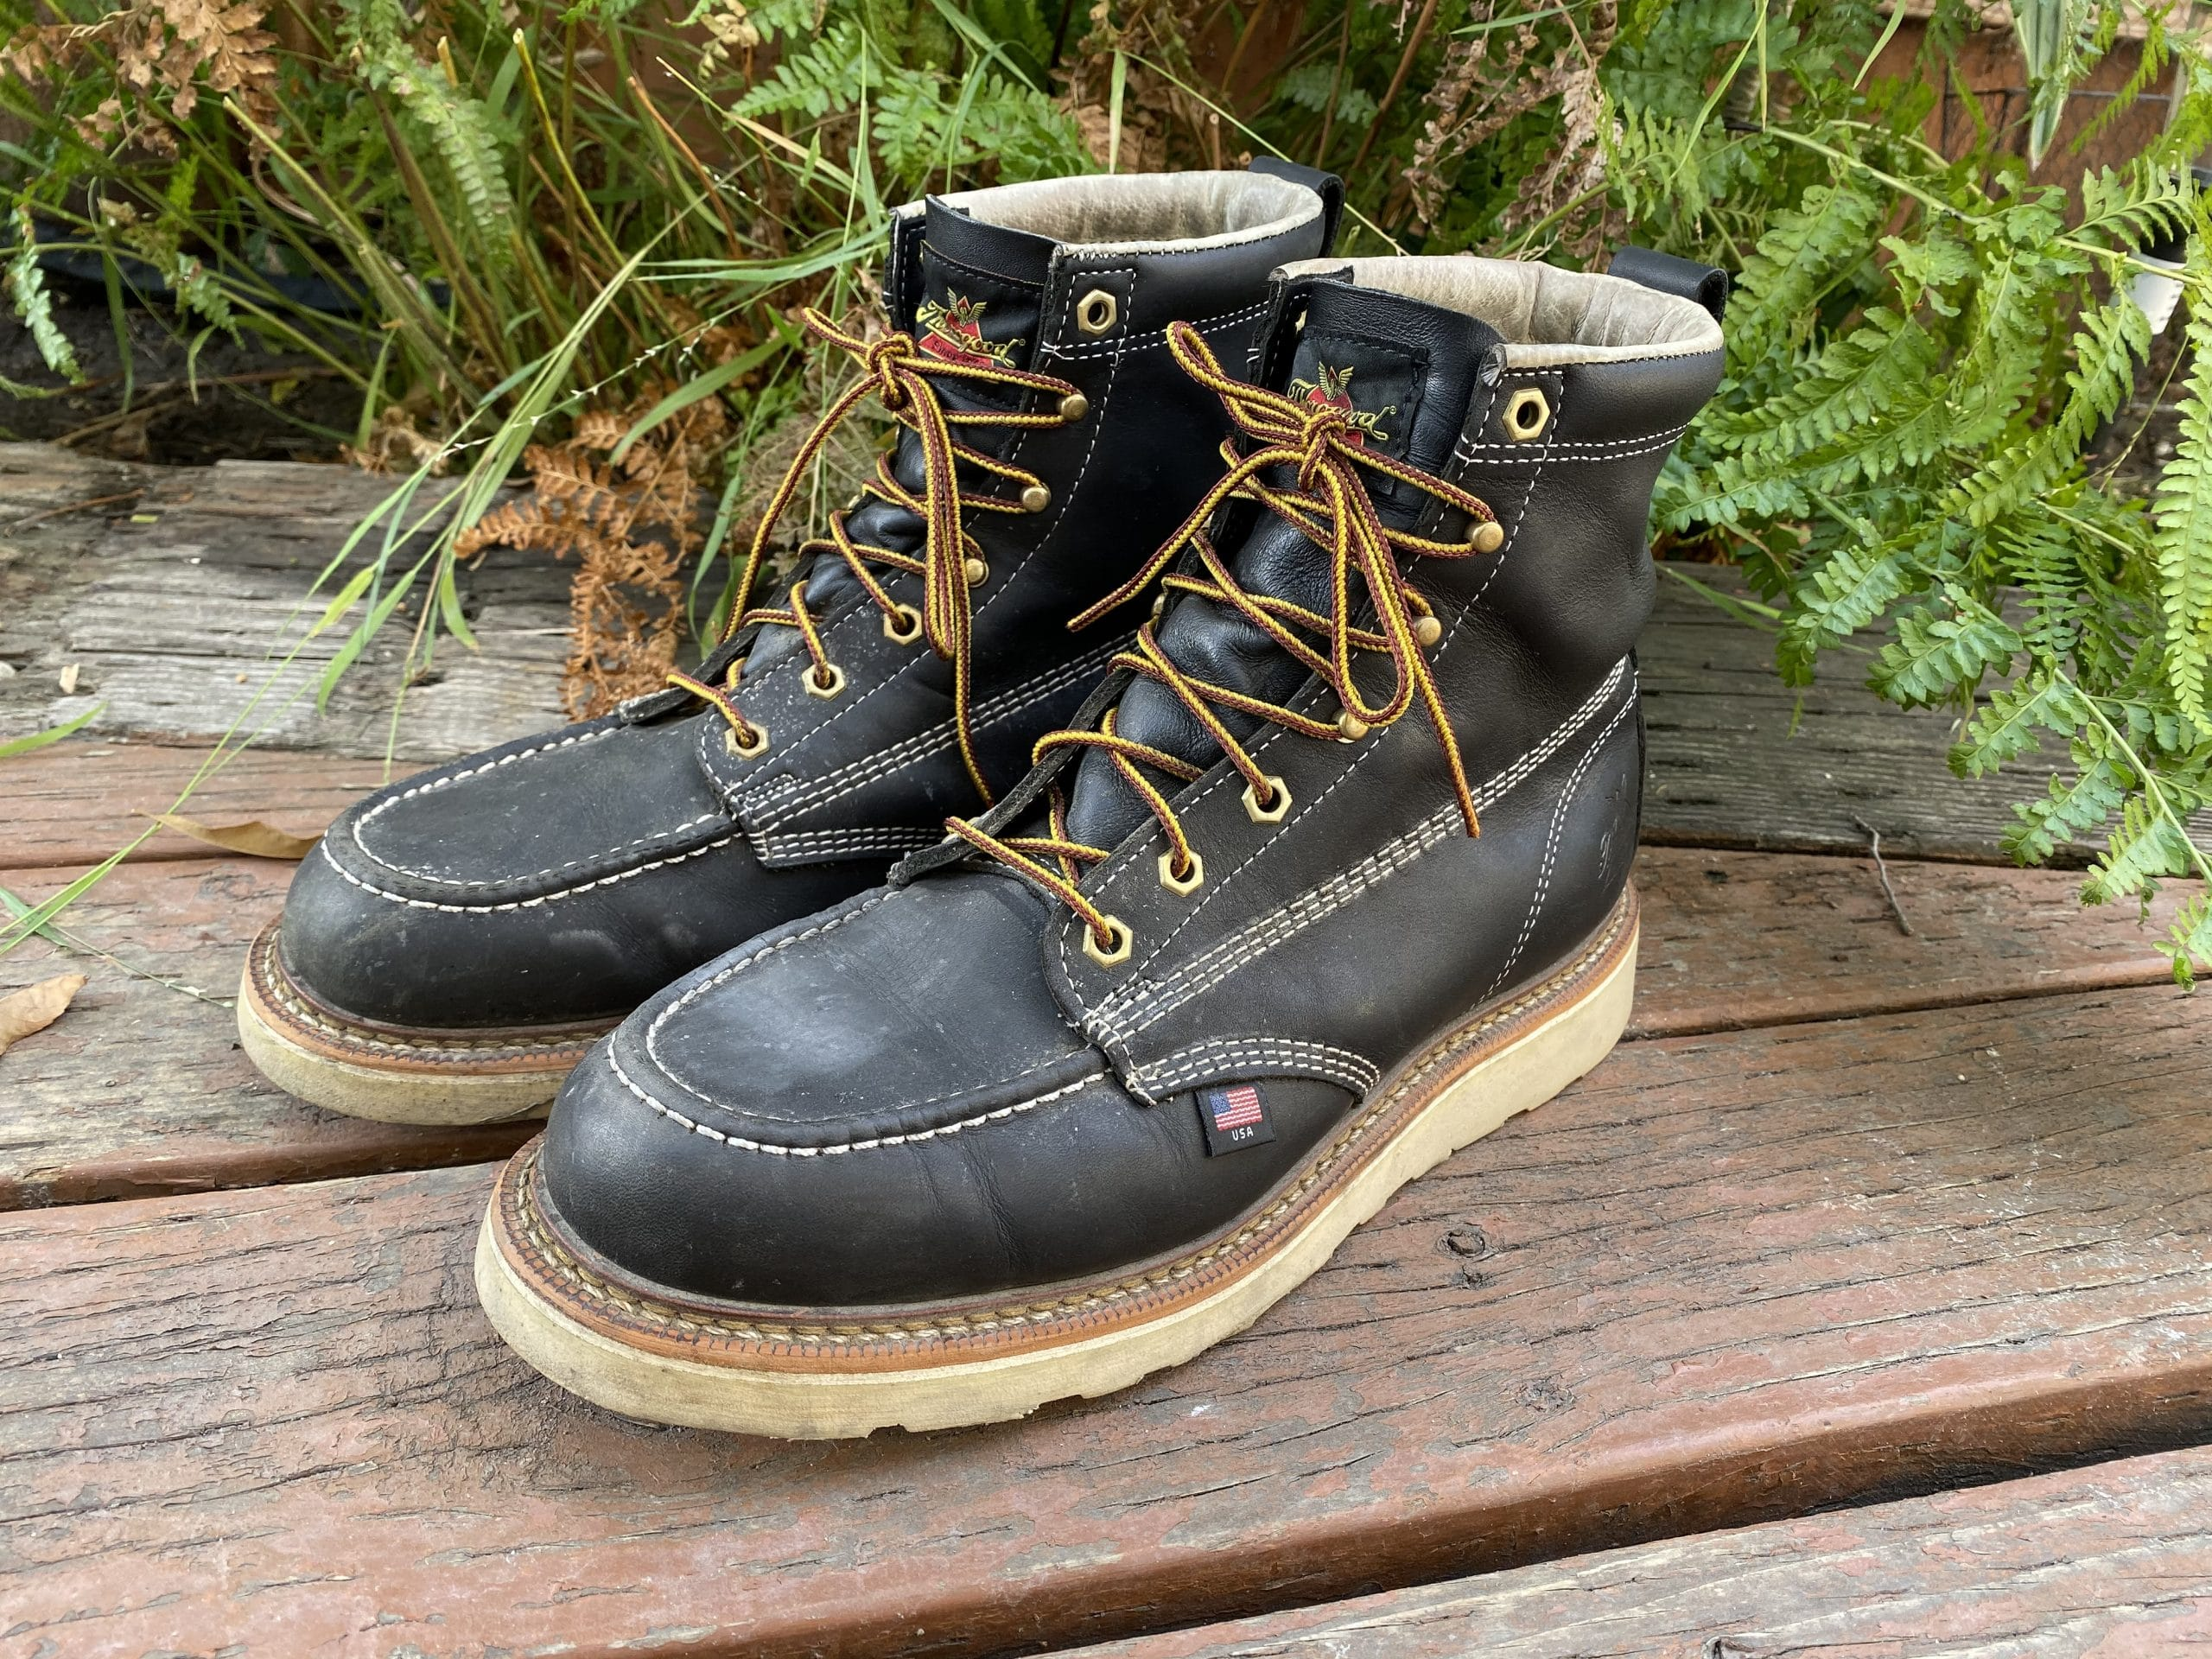 Thorogood 6-inch Moc Toe Boots 1000